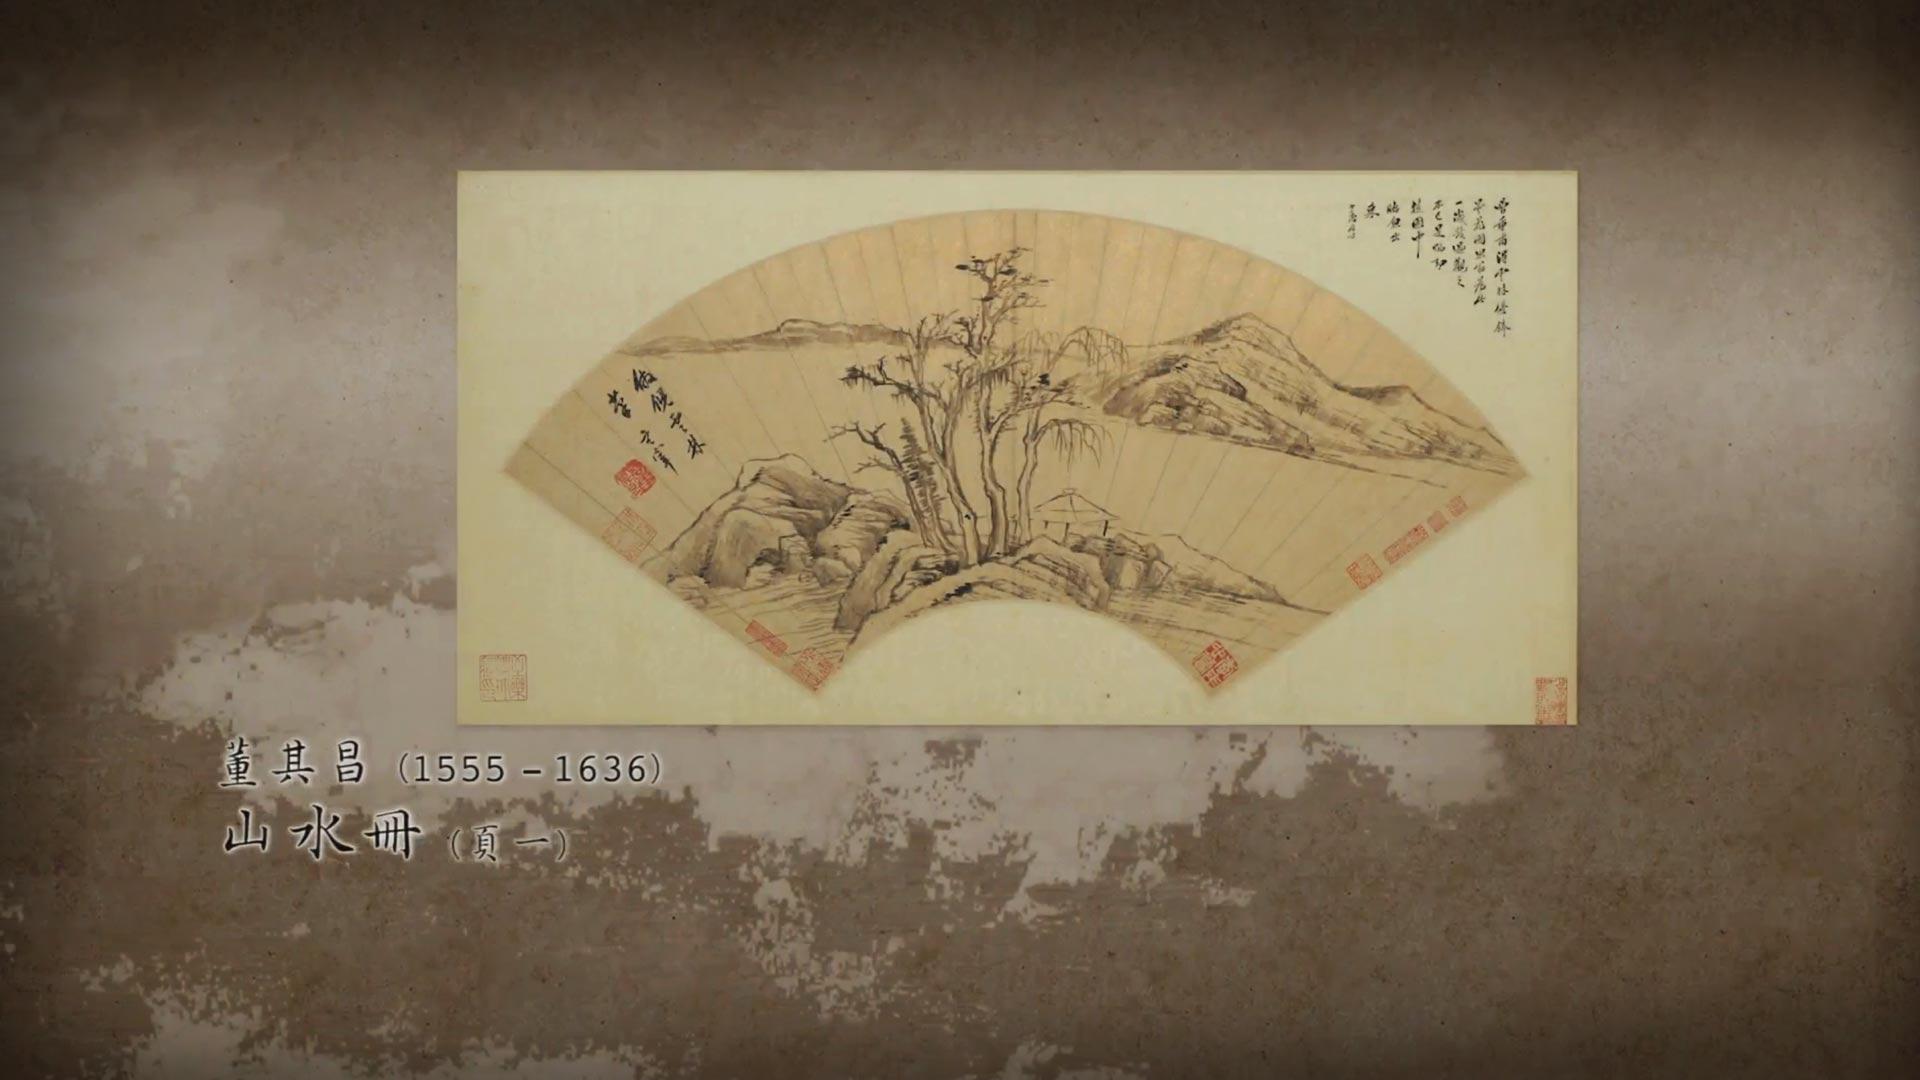 《呼吸美学-中国古画赏析》- 师古而化之 (2021) <p>画作提供:香港艺术馆至乐楼藏</p>